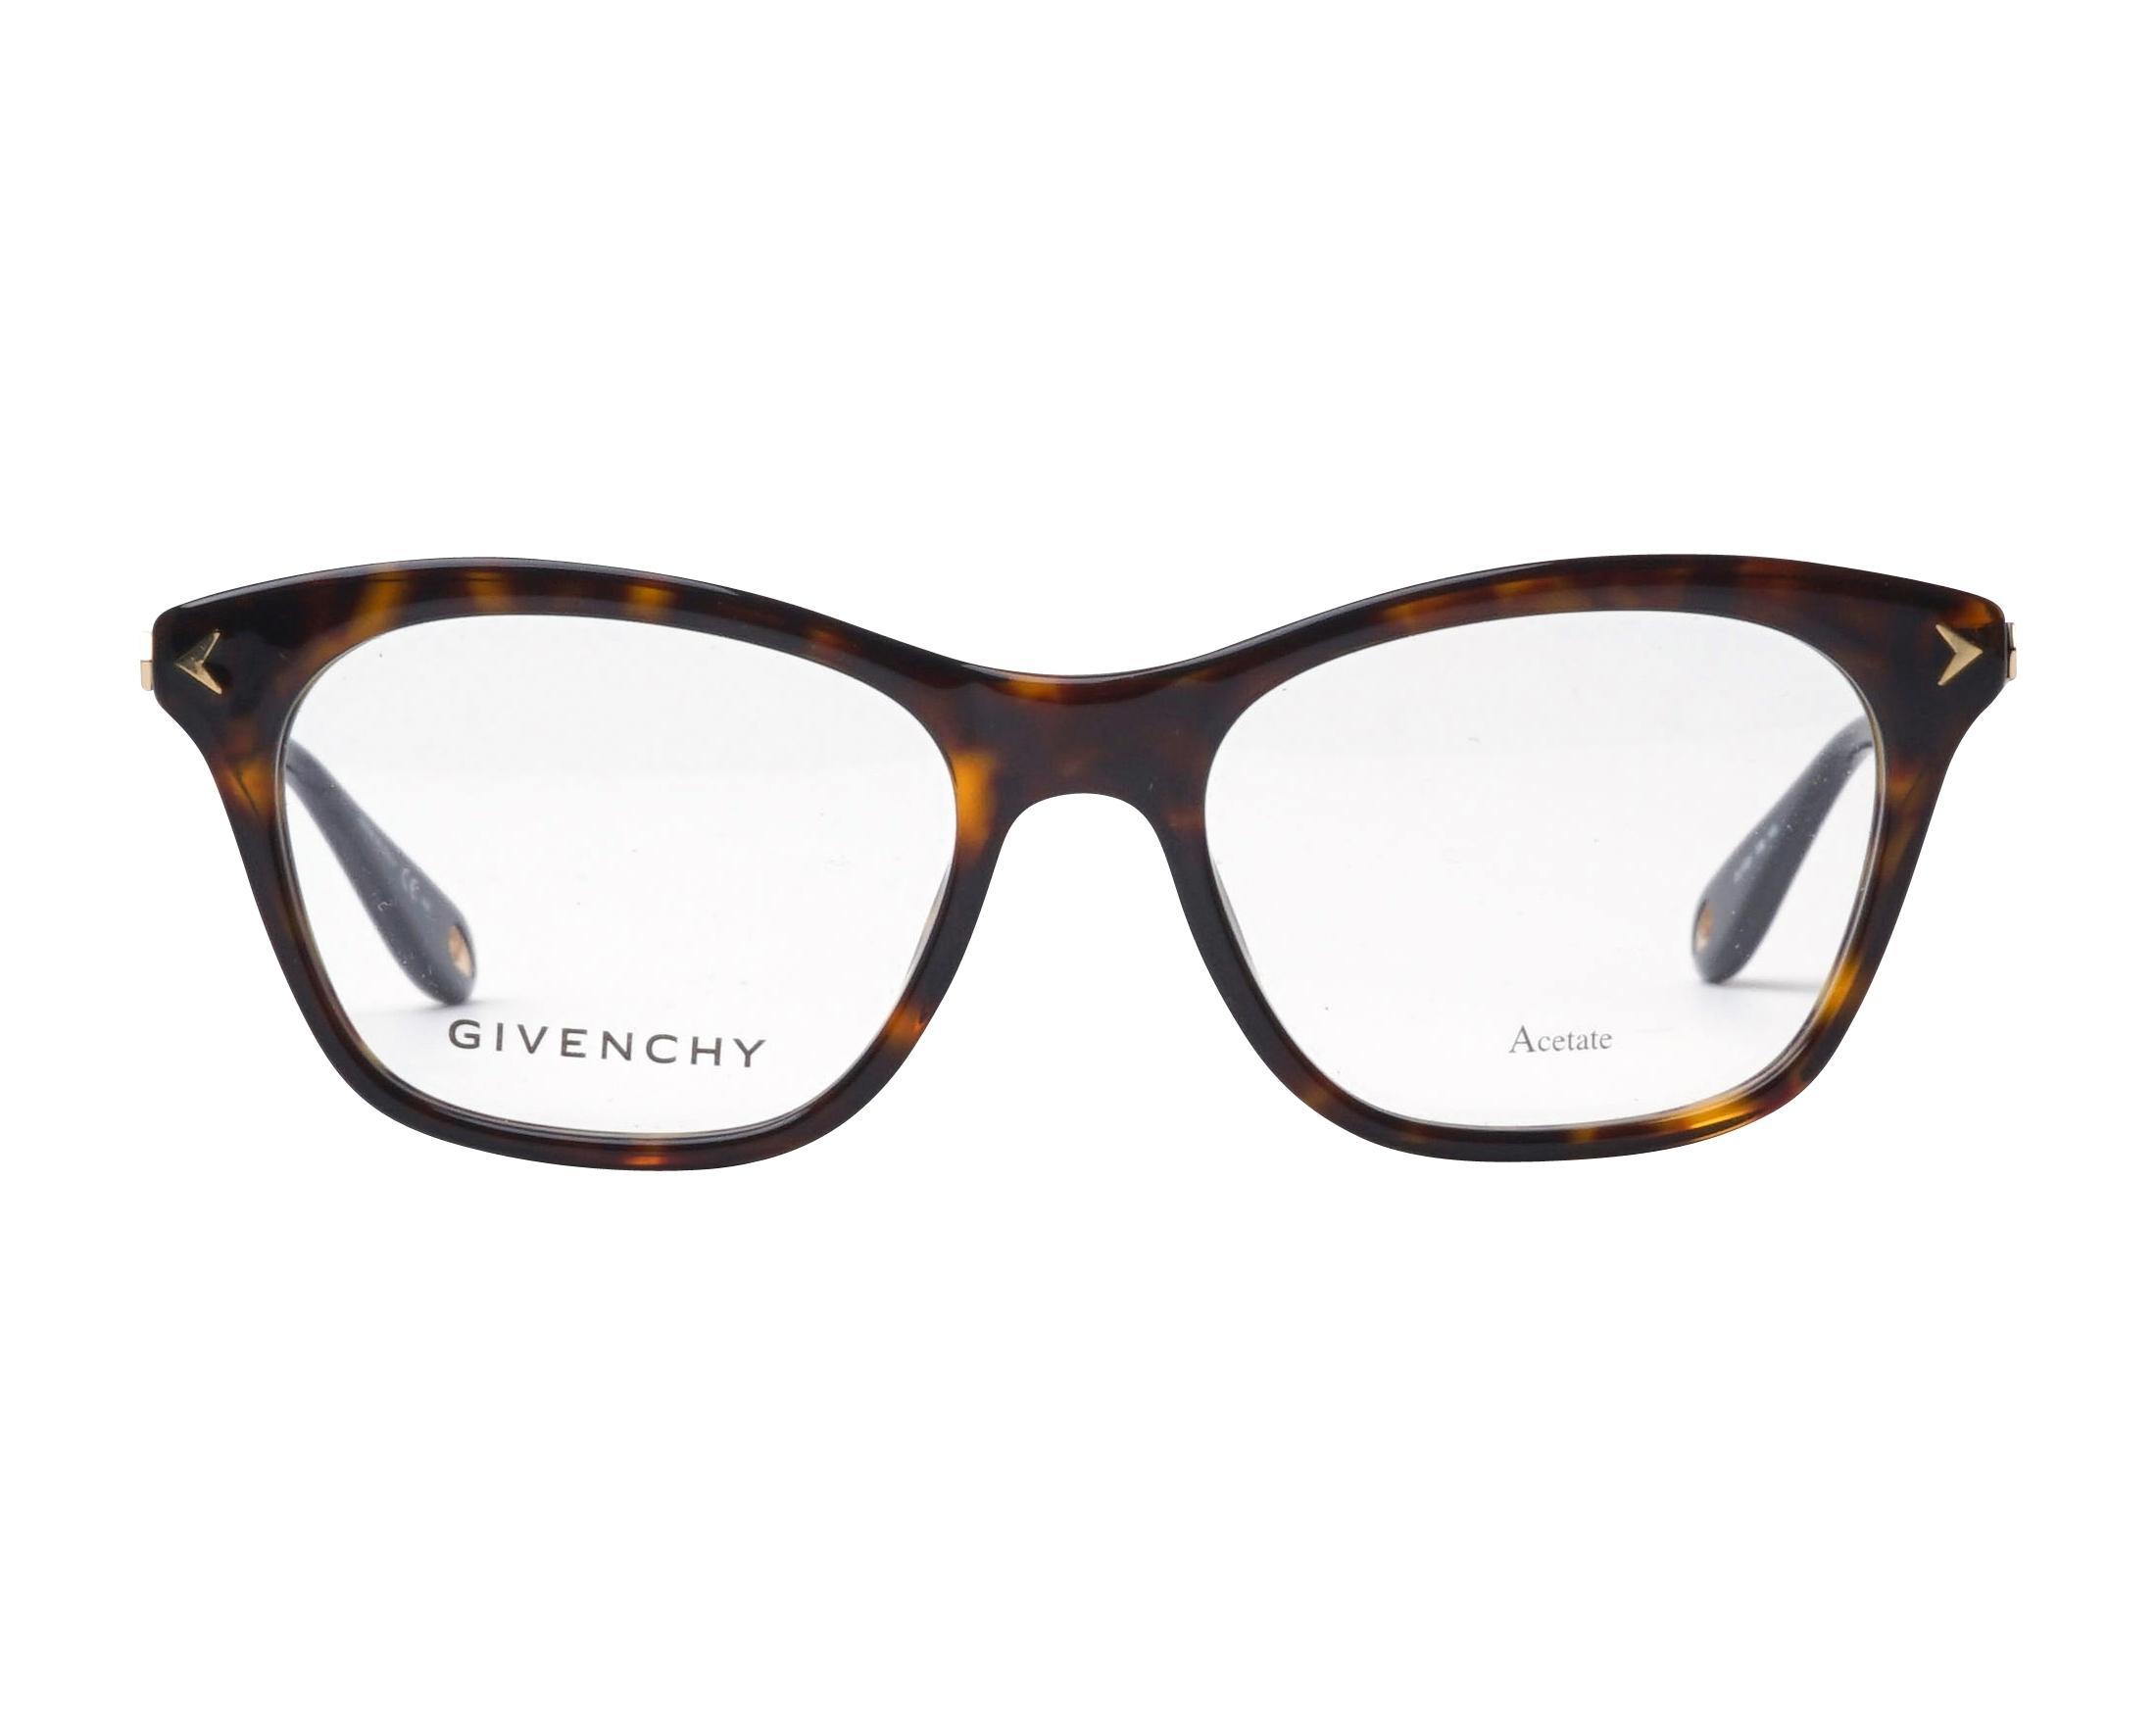 Lunettes Gv FemmesMarron Givenchy 086 de 0081 vue wPX80knO